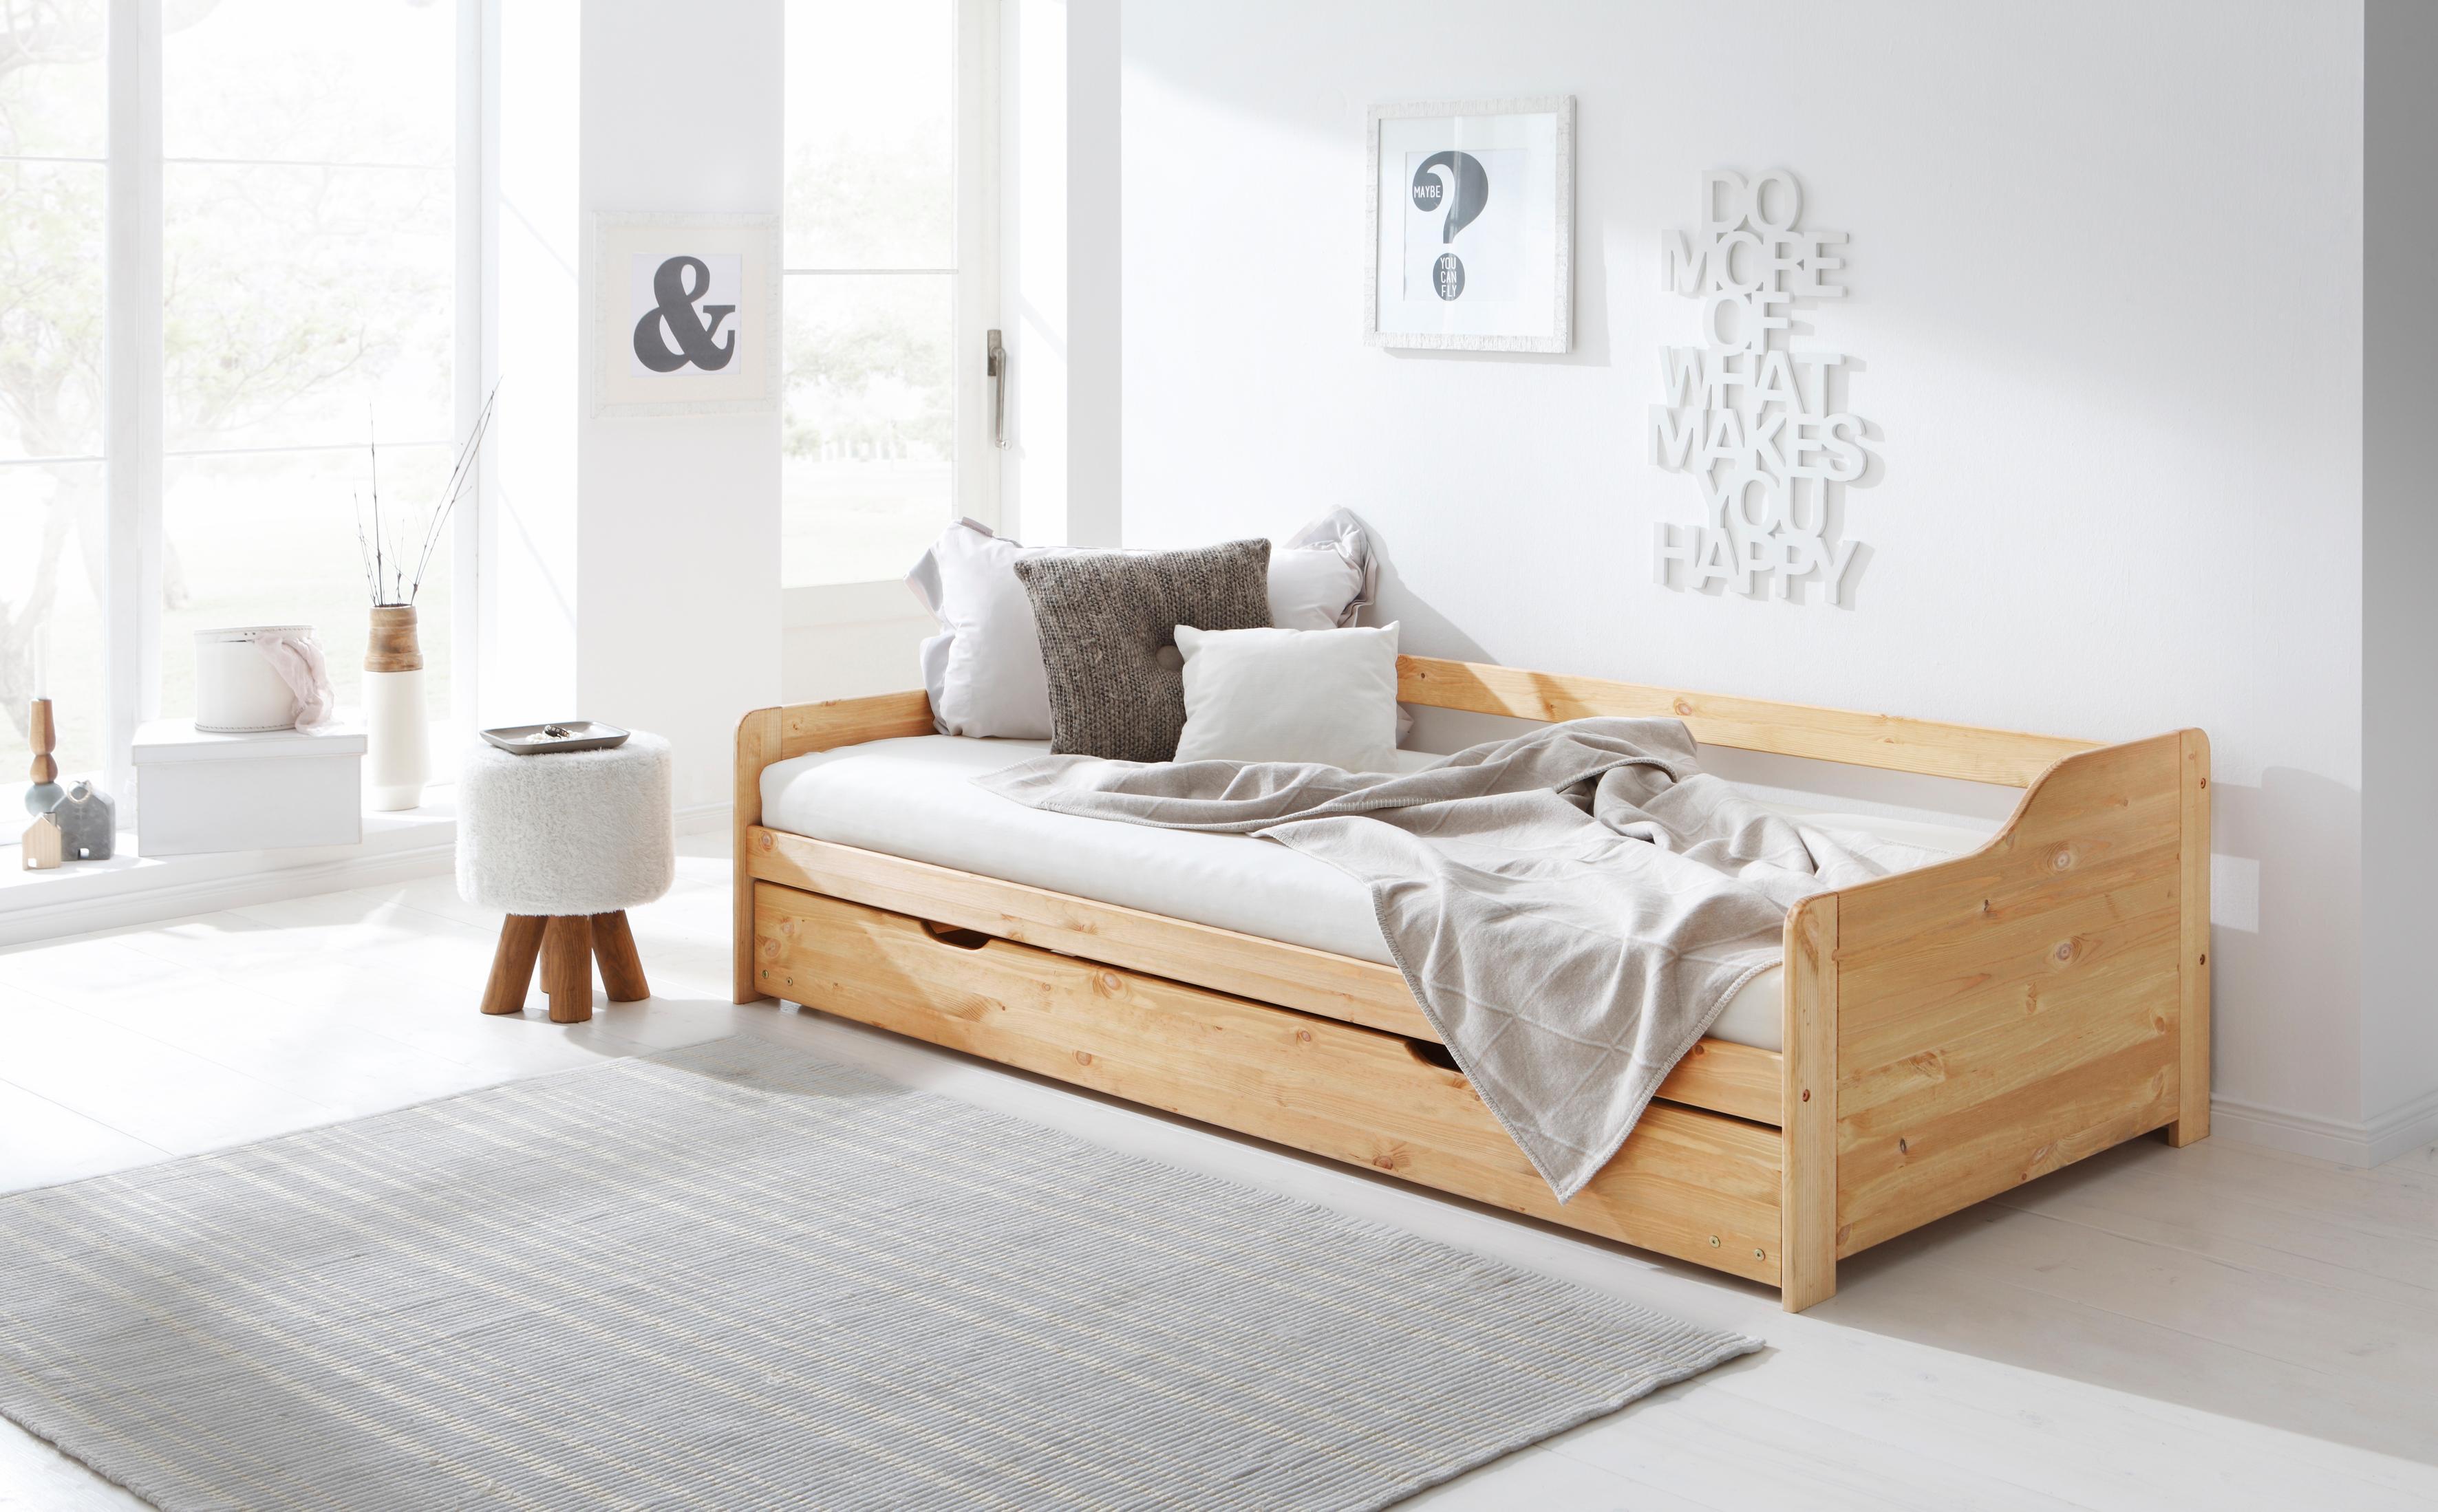 Home affaire Bett »Tim«, mit ausziehbarer Schublade für Zweitmatratze als Gästebett   Schlafzimmer > Betten > Gästebetten   home affaire